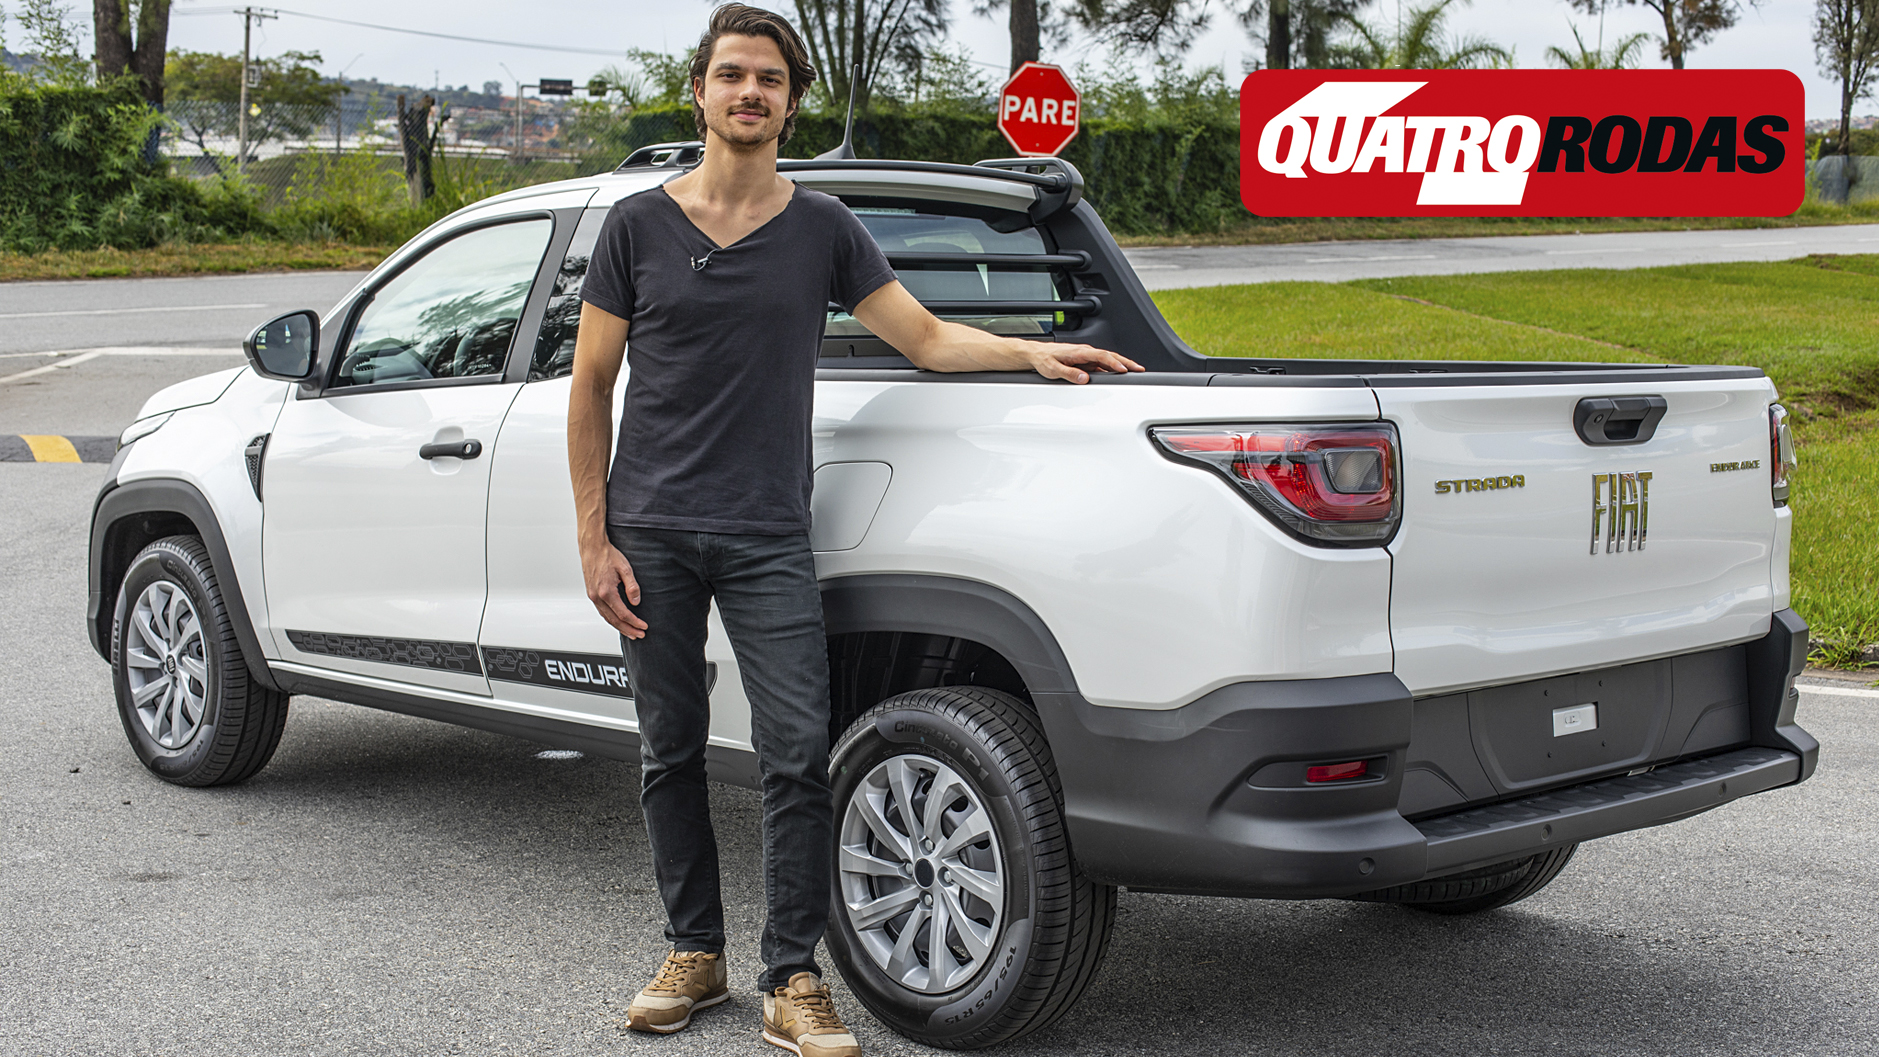 Vídeo: andamos na Fiat Strada cabine Plus, versão que será a mais vendida